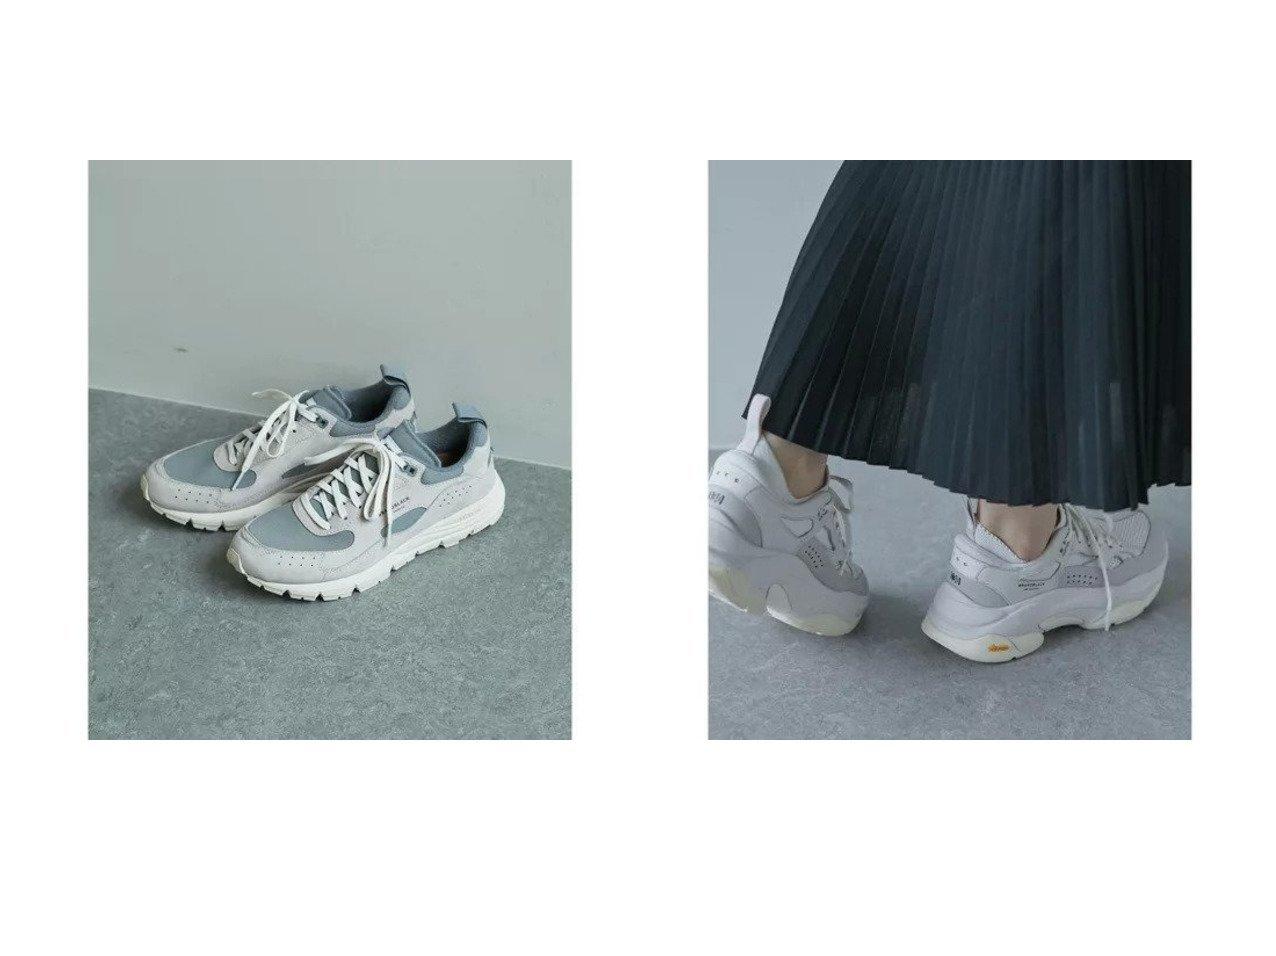 【GALLARDAGALANTE/ガリャルダガランテ】の【BRAND BLACK】スニーカー/SAGA130&【BRAND BLACK】スニーカー 【シューズ・靴】おすすめ!人気、トレンド・レディースファッションの通販   おすすめで人気の流行・トレンド、ファッションの通販商品 メンズファッション・キッズファッション・インテリア・家具・レディースファッション・服の通販 founy(ファニー) https://founy.com/ ファッション Fashion レディースファッション WOMEN インソール エレガント クッション グラデーション シューズ スウェード スニーカー スポーツ トレンド フィット メッシュ レース スタイリッシュ  ID:crp329100000026897